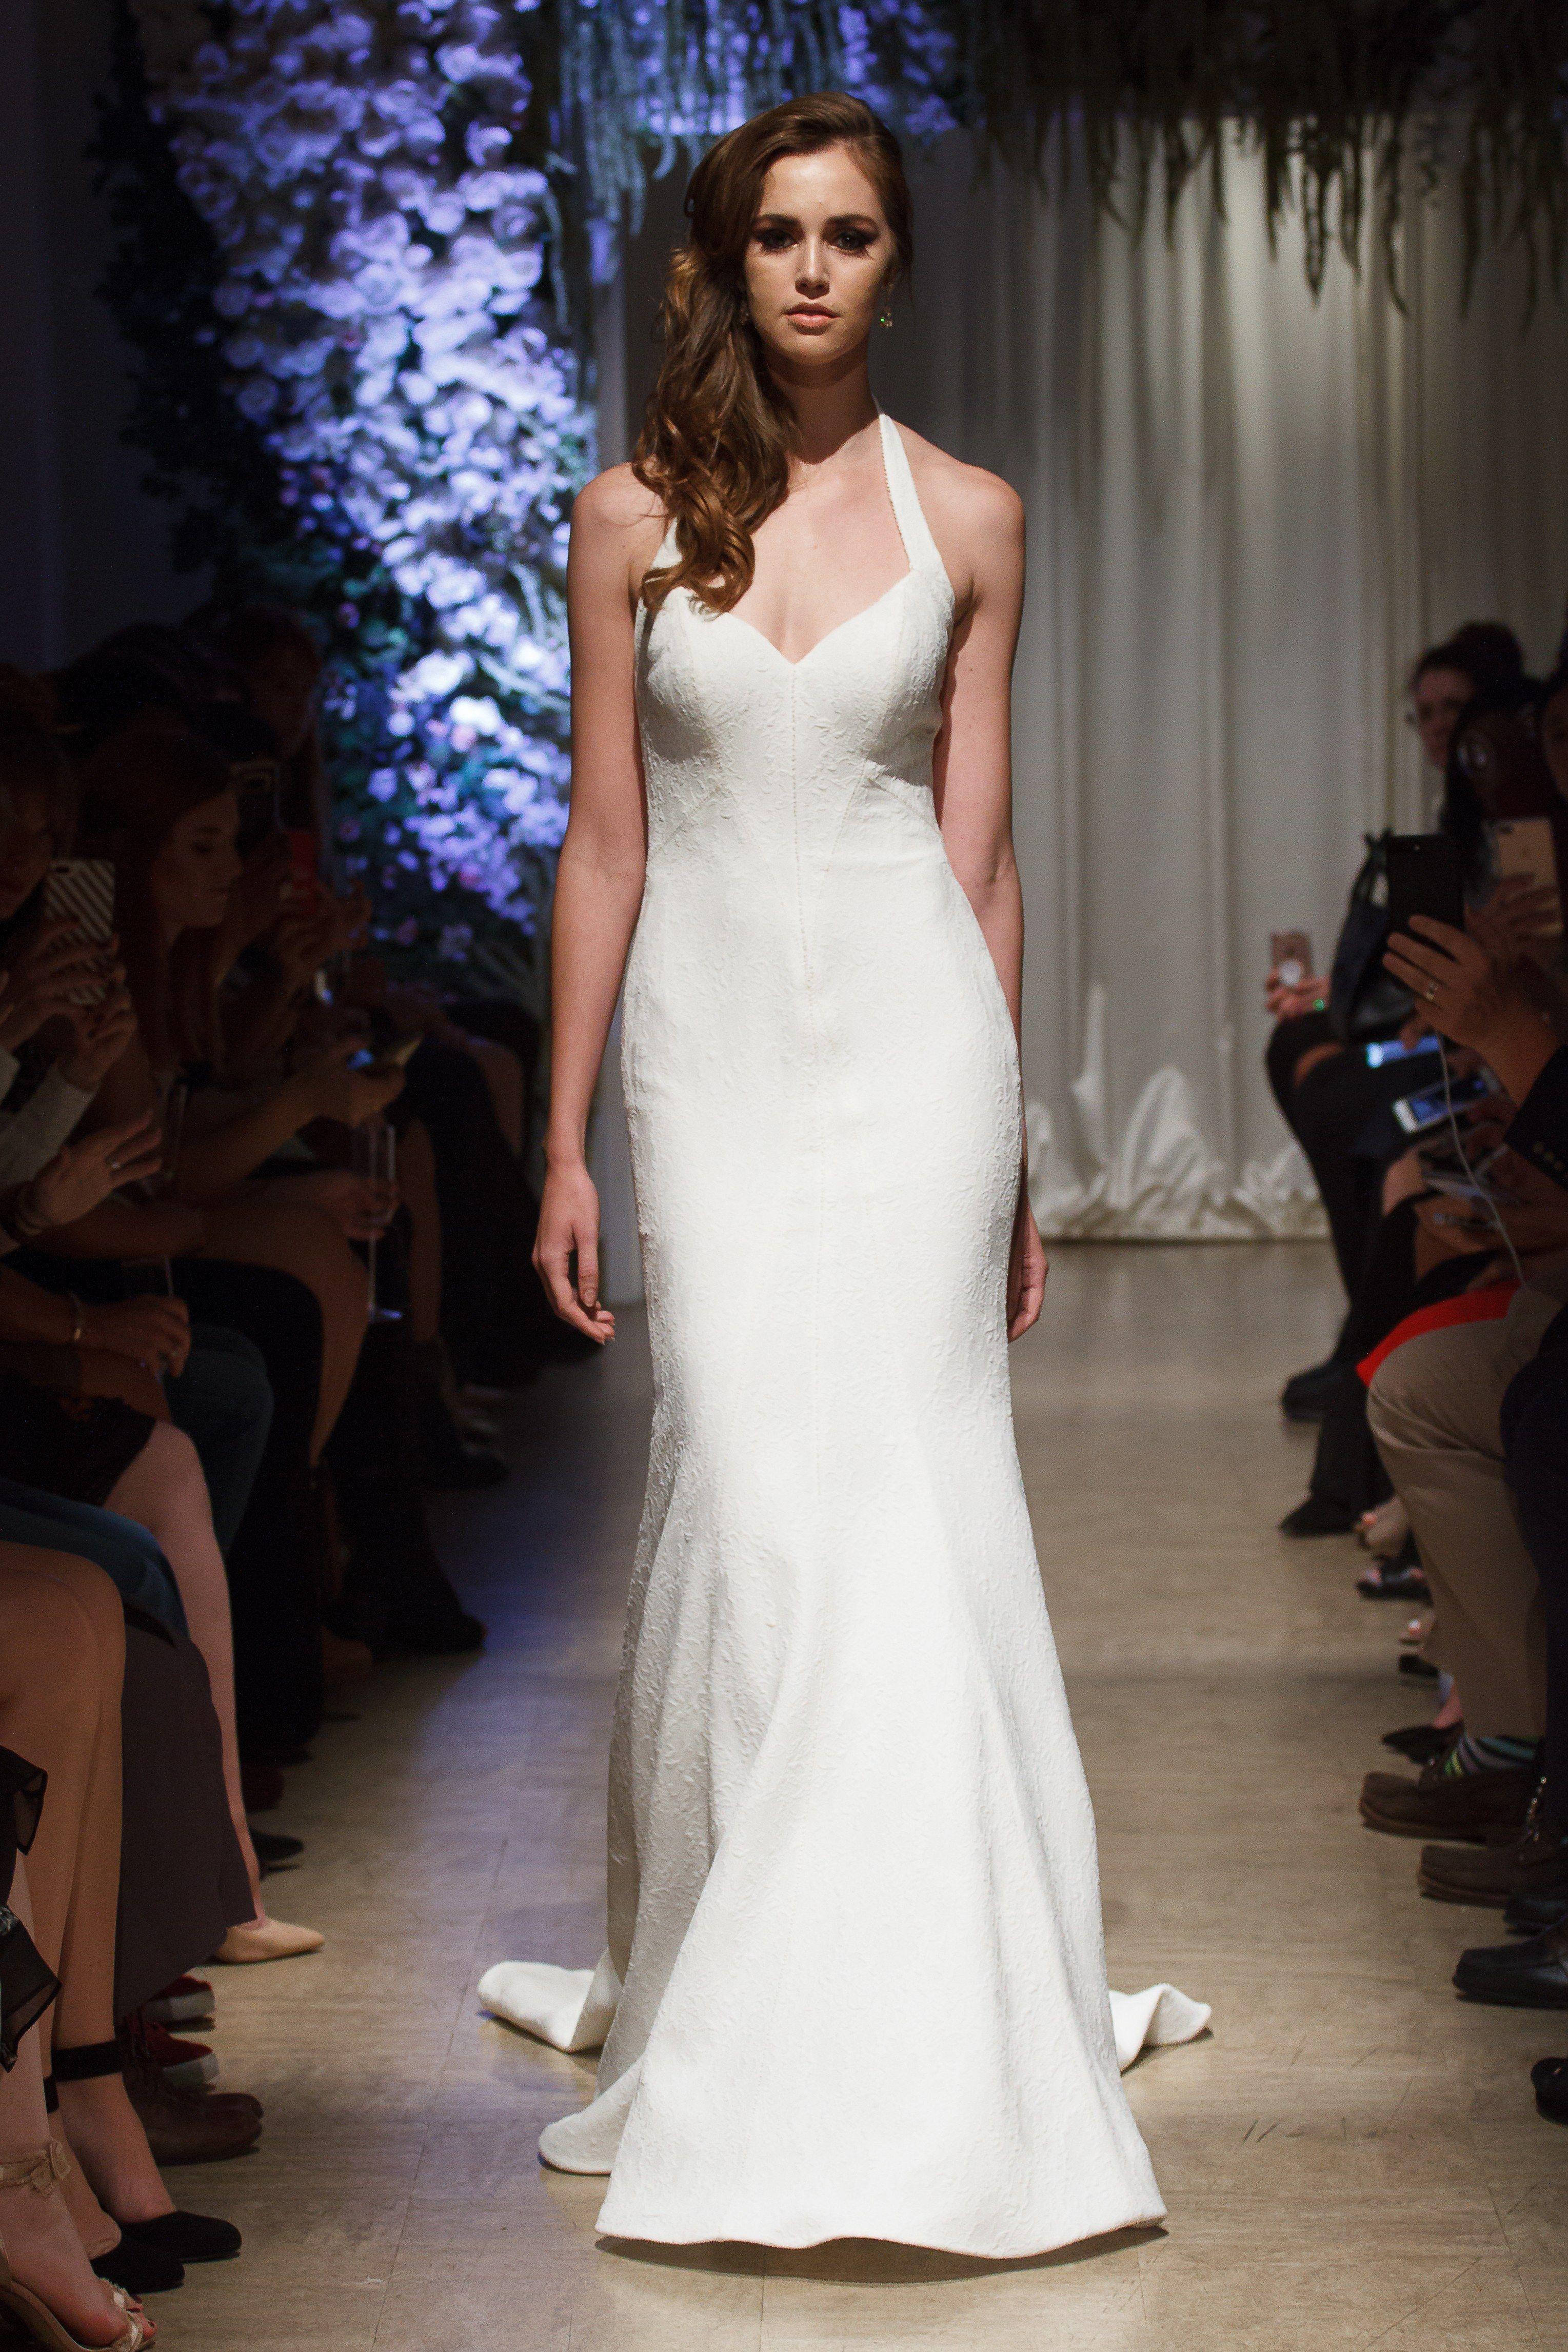 Matty by matthew christopher bridal u wedding dress collection fall